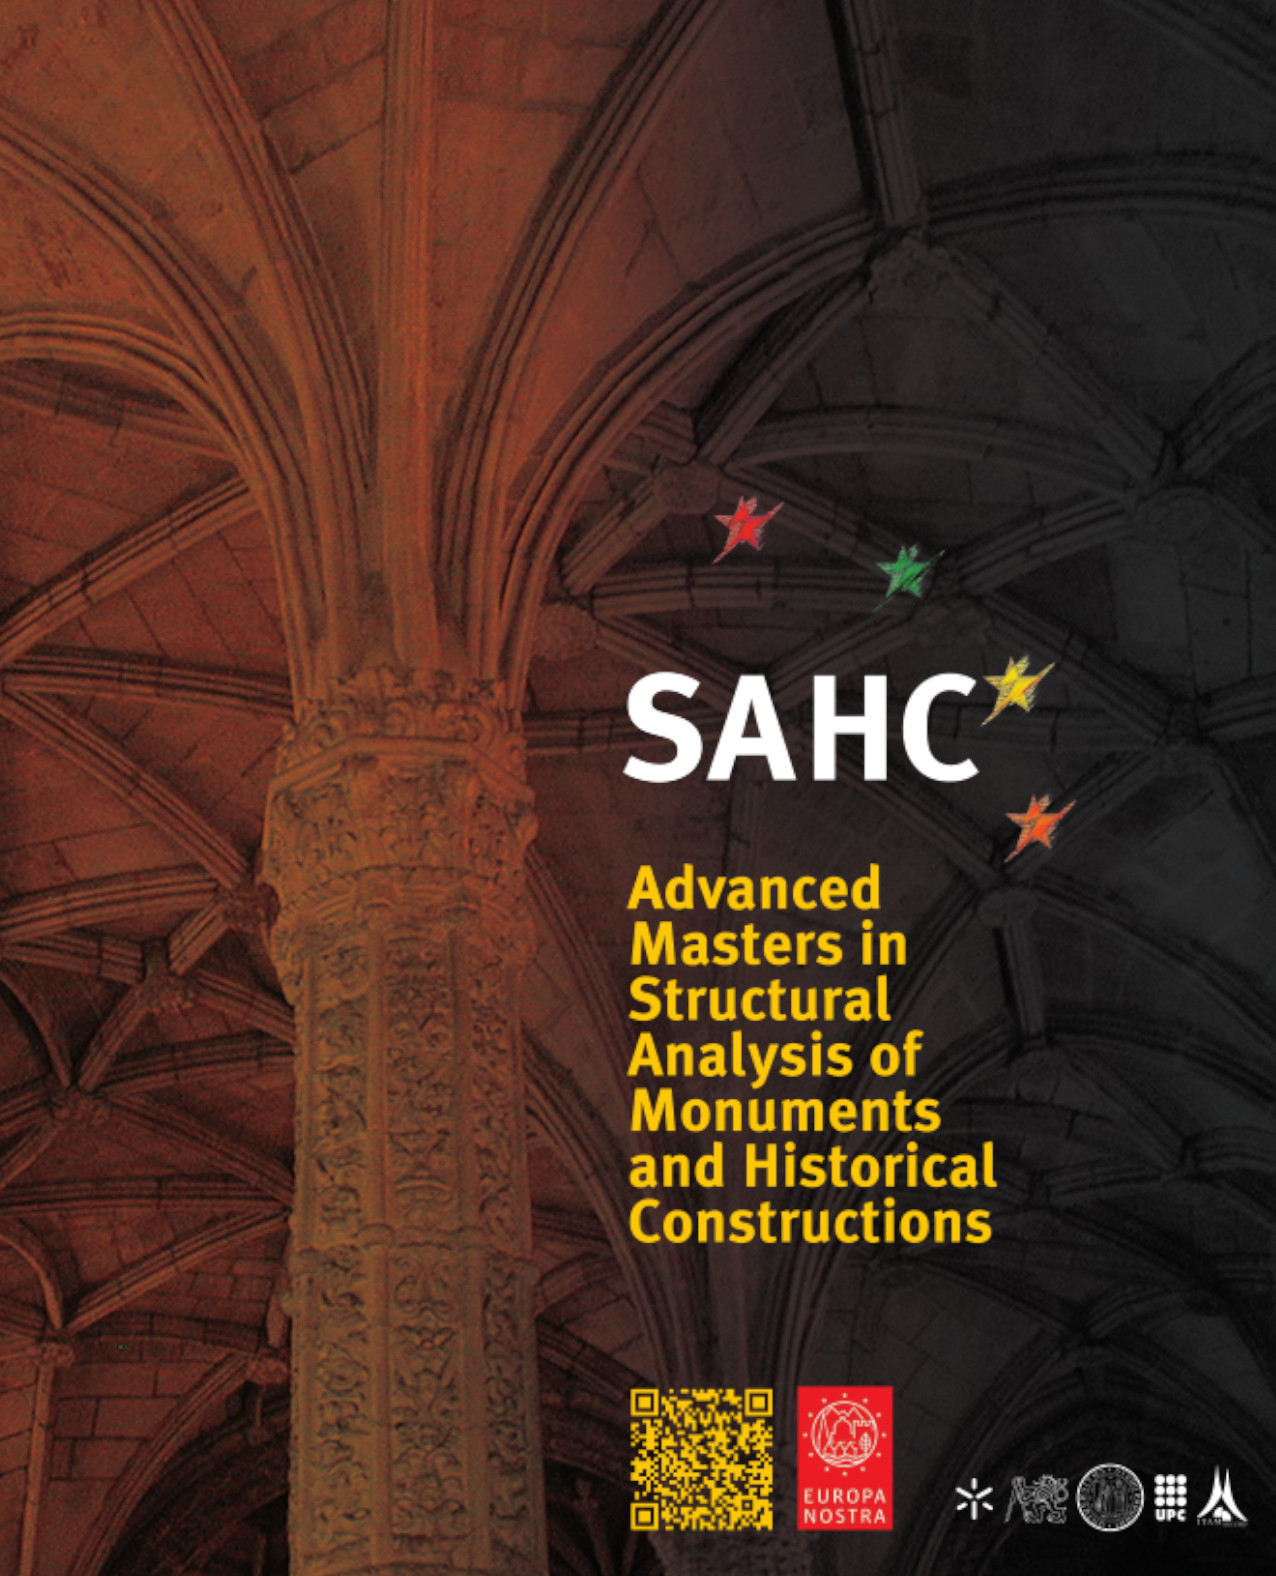 Díptico del Máster en Análisis Estructural de Monumentos y Construcciones Históricas